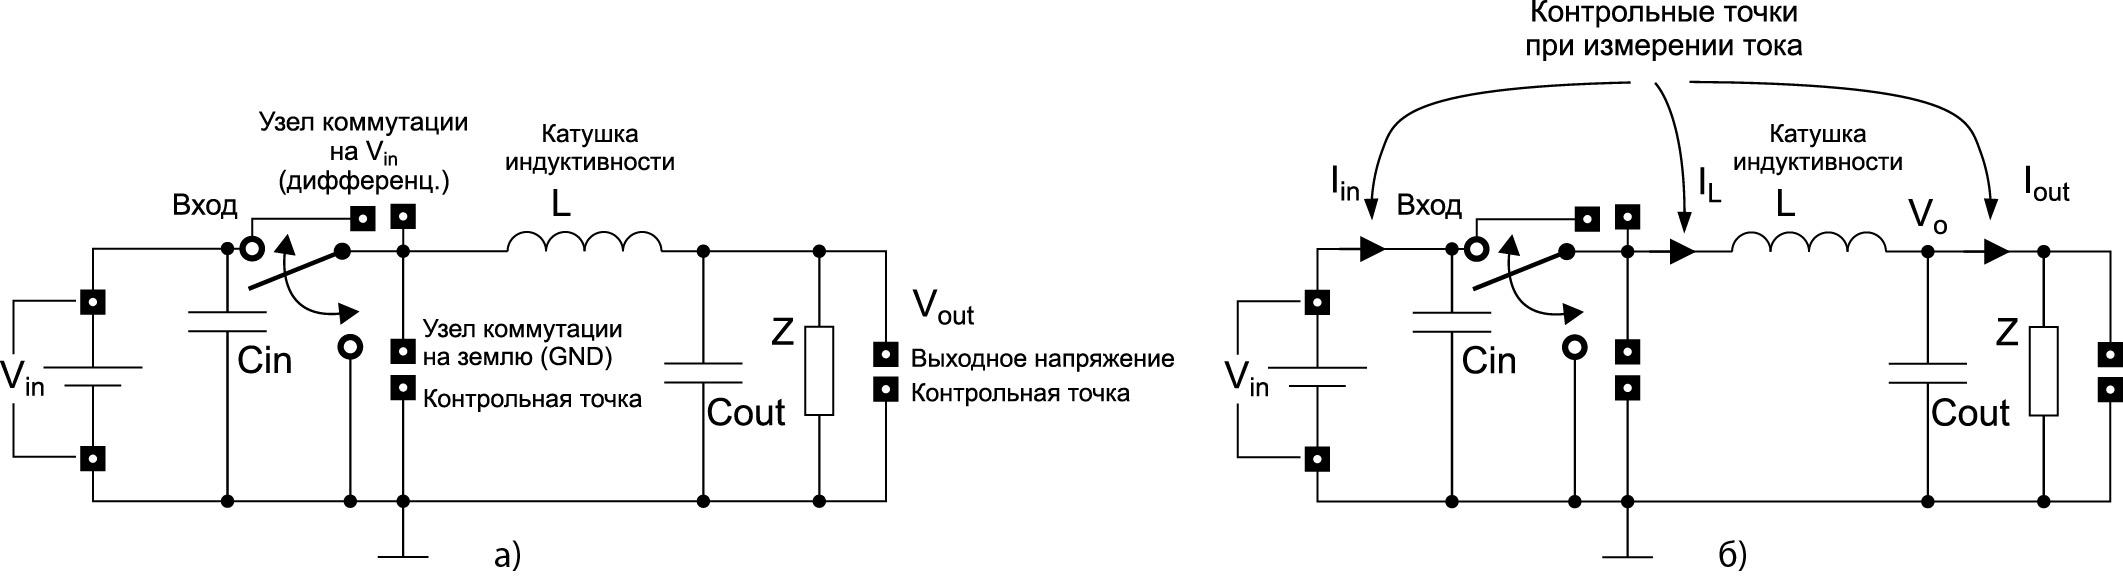 Контрольные точки ИИП при измерении